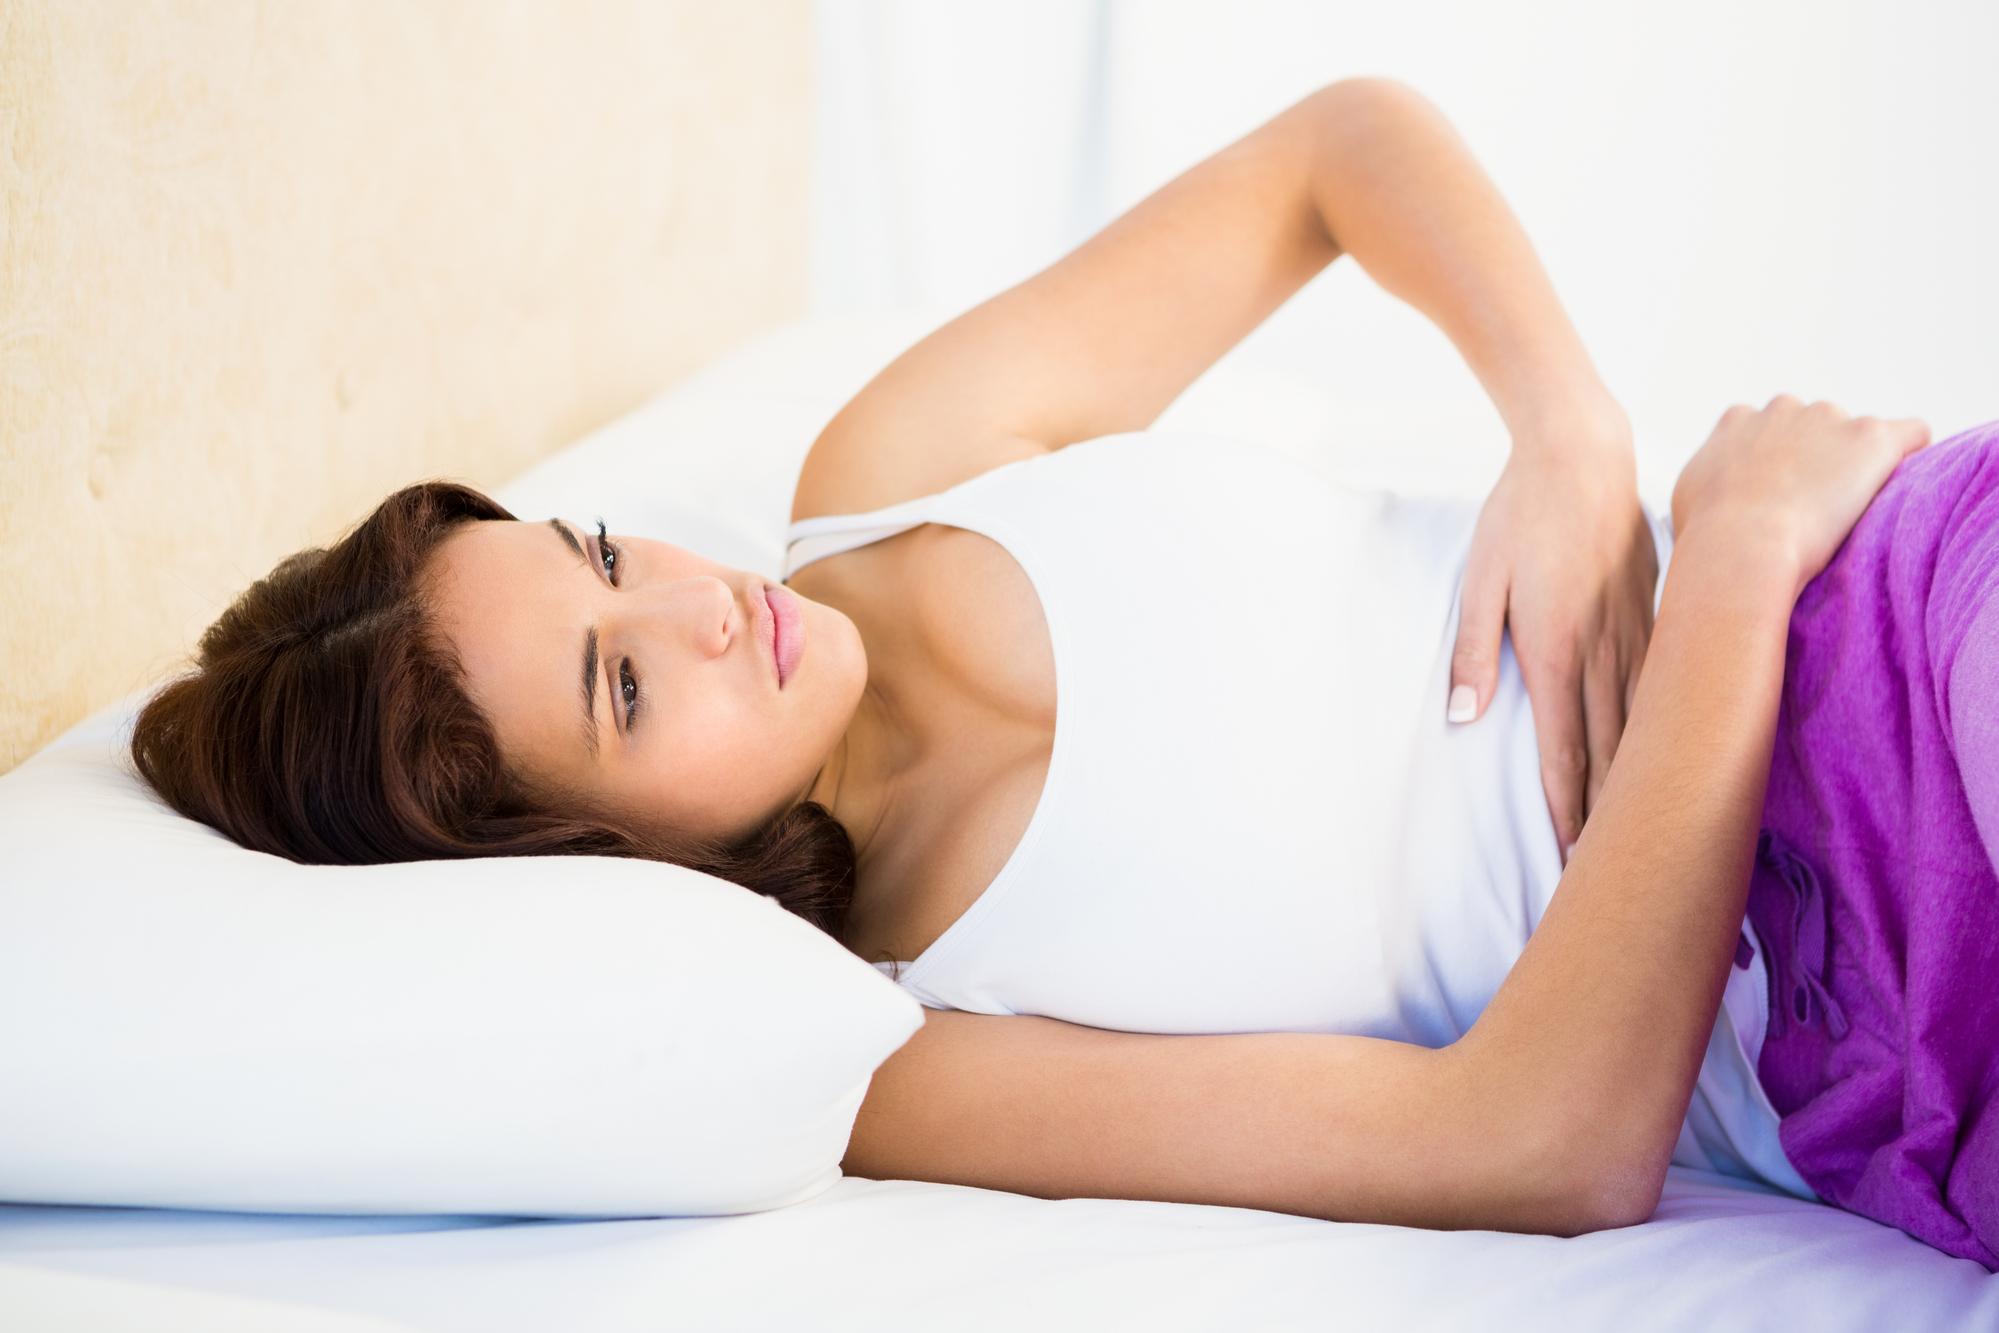 Qu'est ce que la précarité menstruelle ? 1